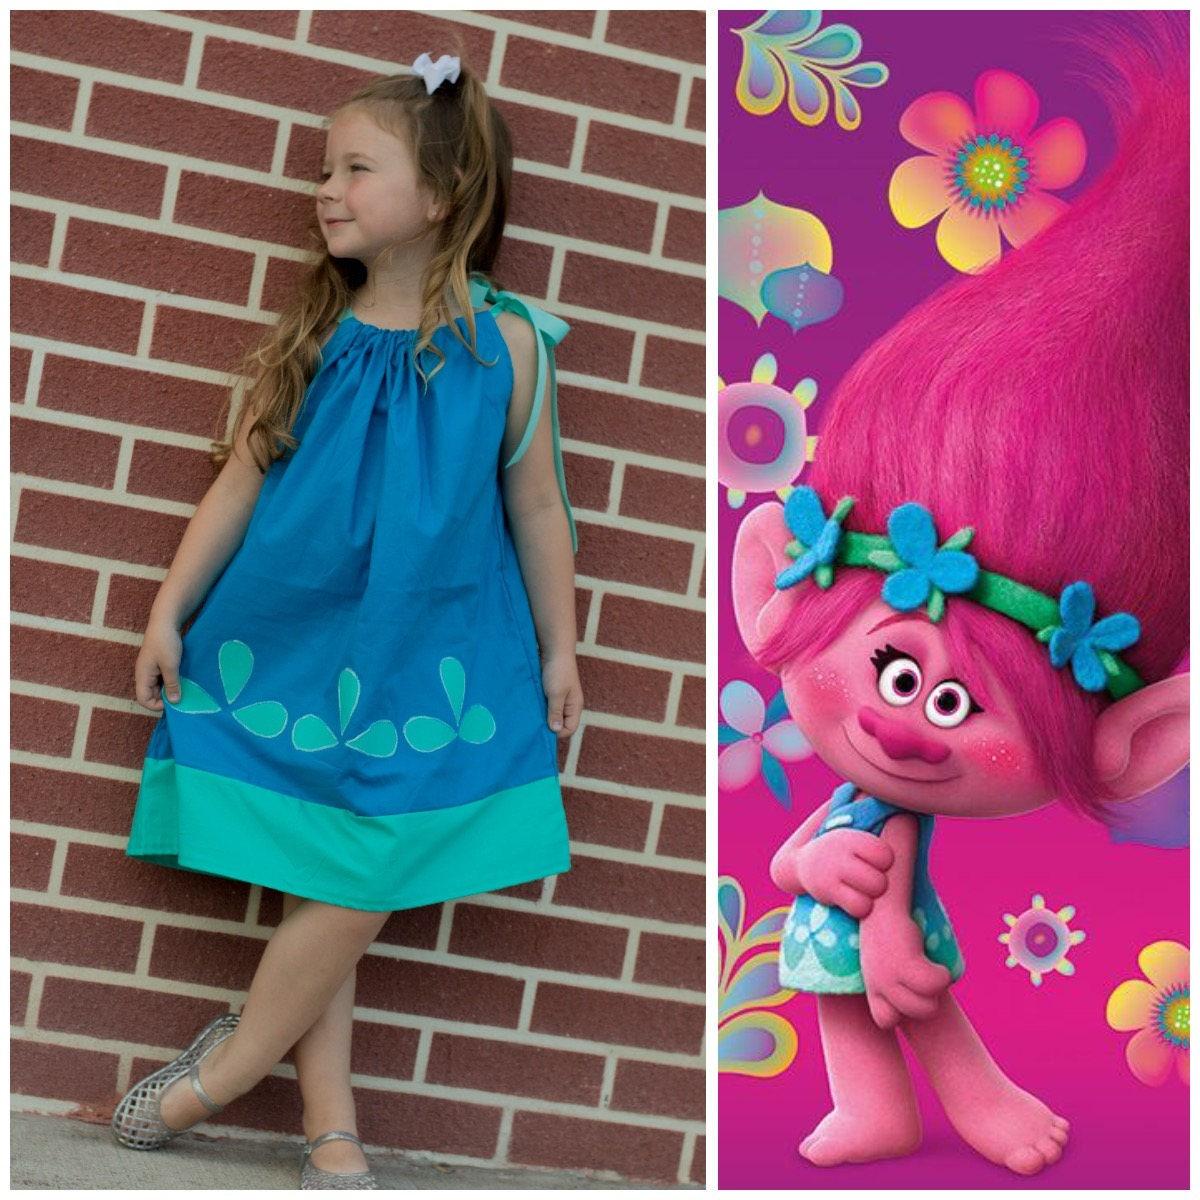 Poppy Dress Trolls Birthday Party Poppy Halloween Costume